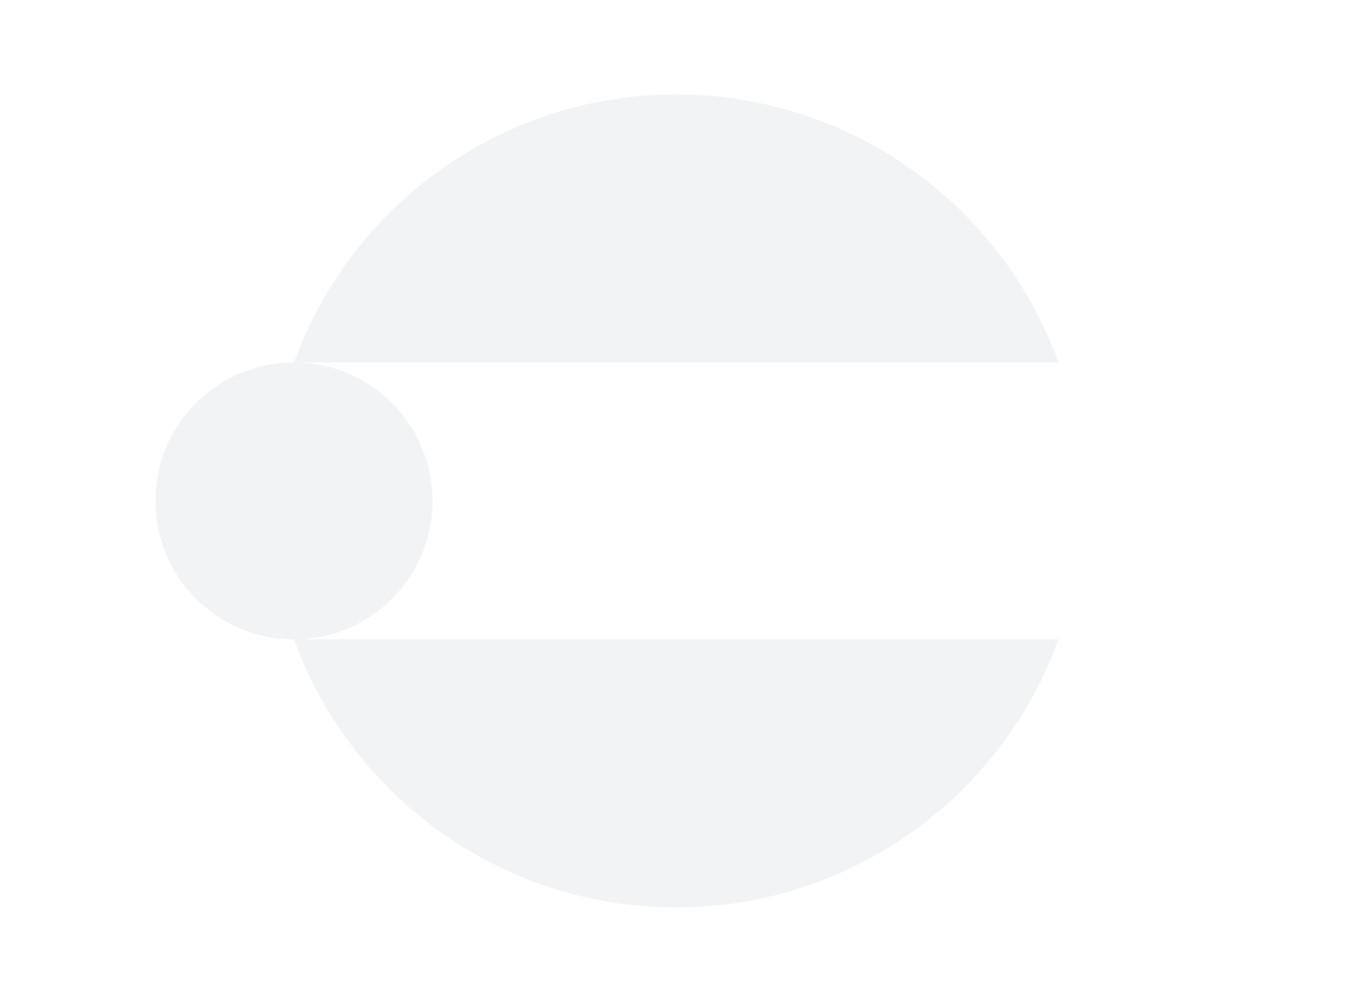 fabfilter total bundle 2017 keygen